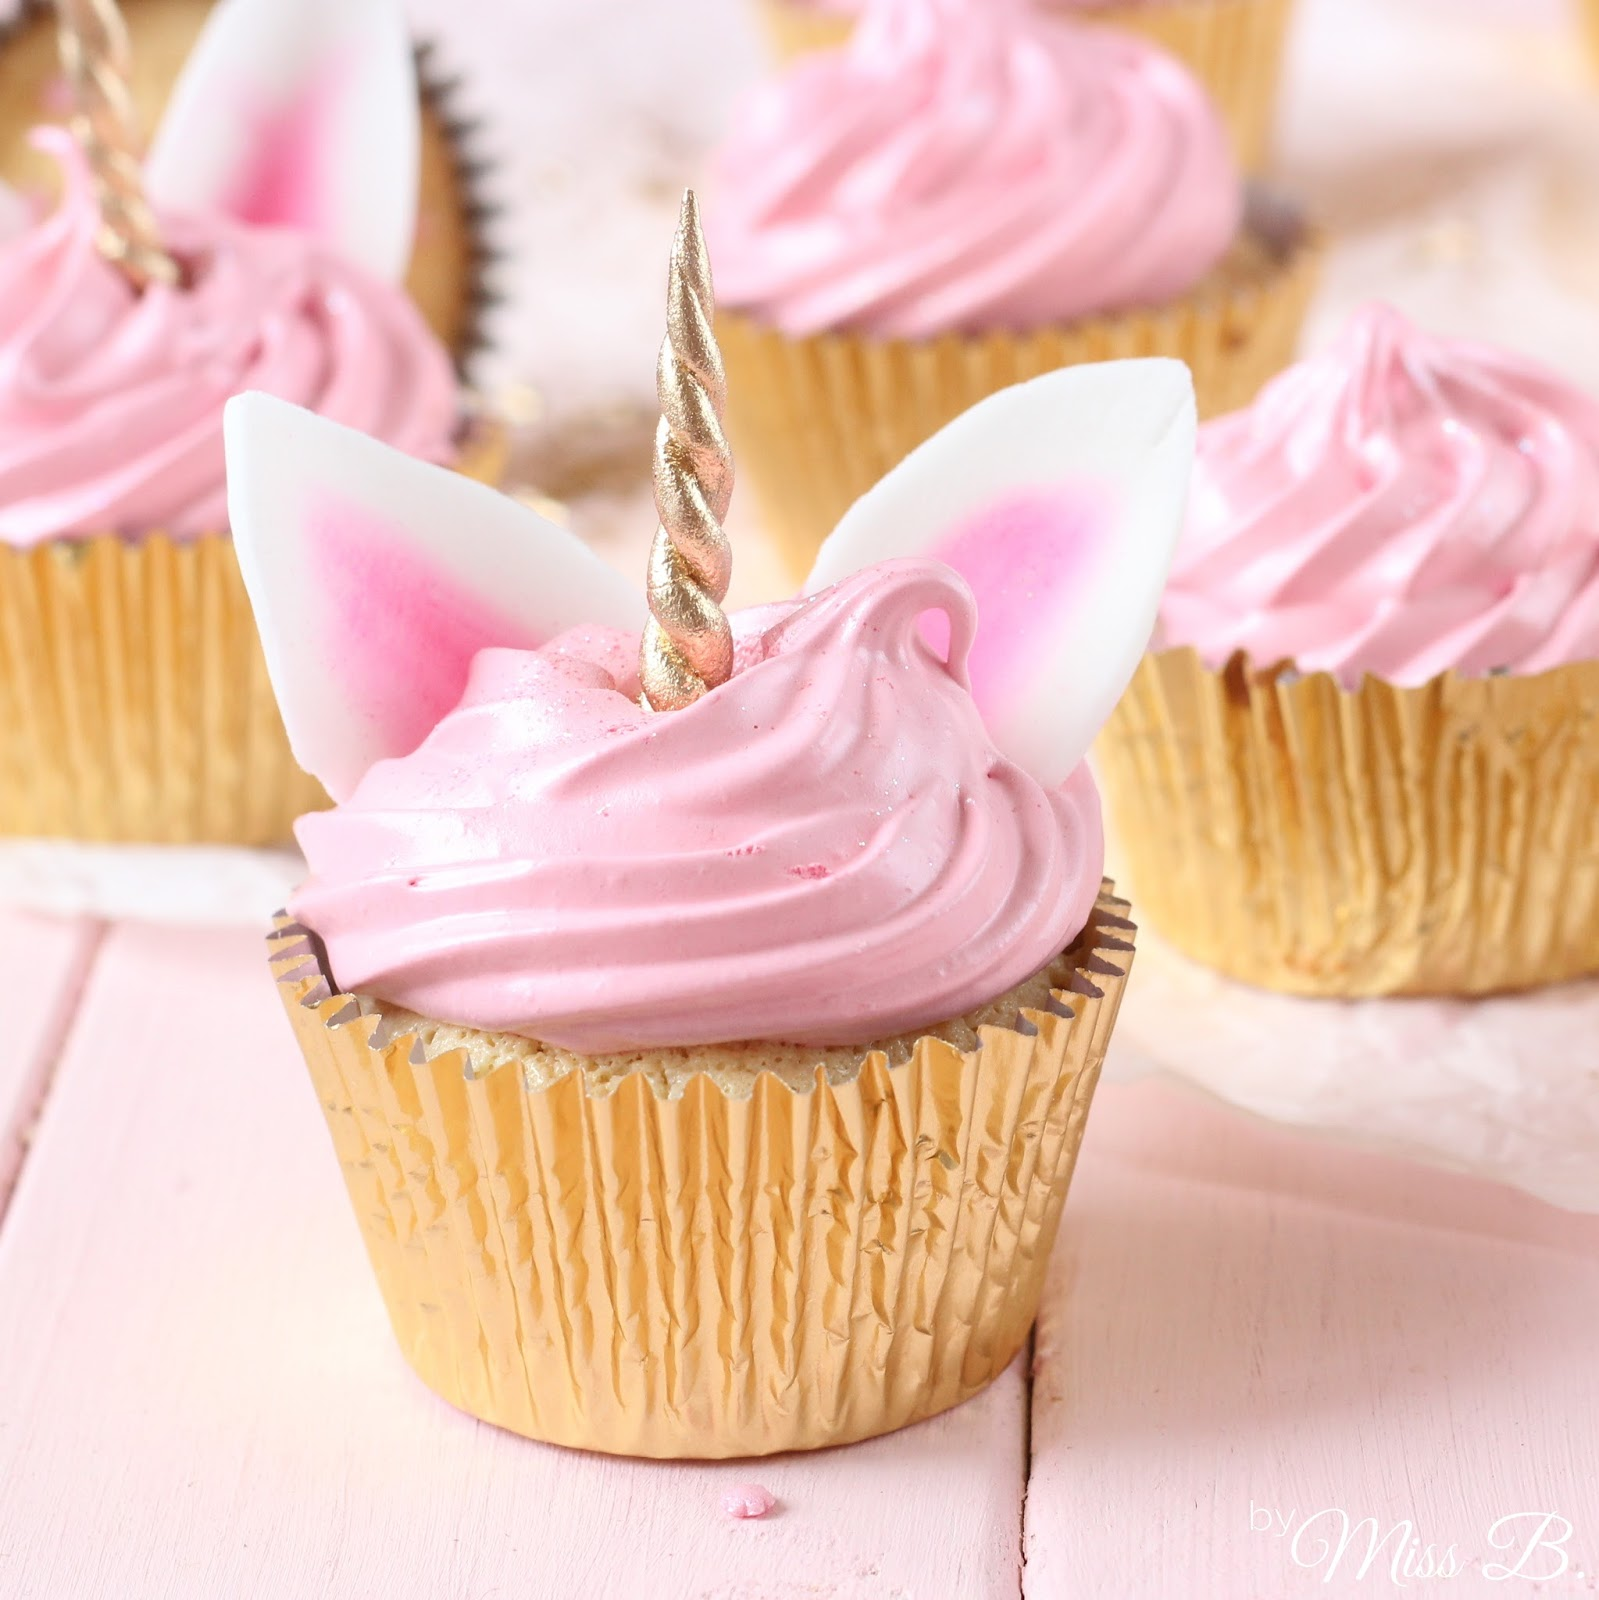 miss blueberrymuffin 39 s kitchen so s einhorn cupcakes mit marshmallow creme. Black Bedroom Furniture Sets. Home Design Ideas